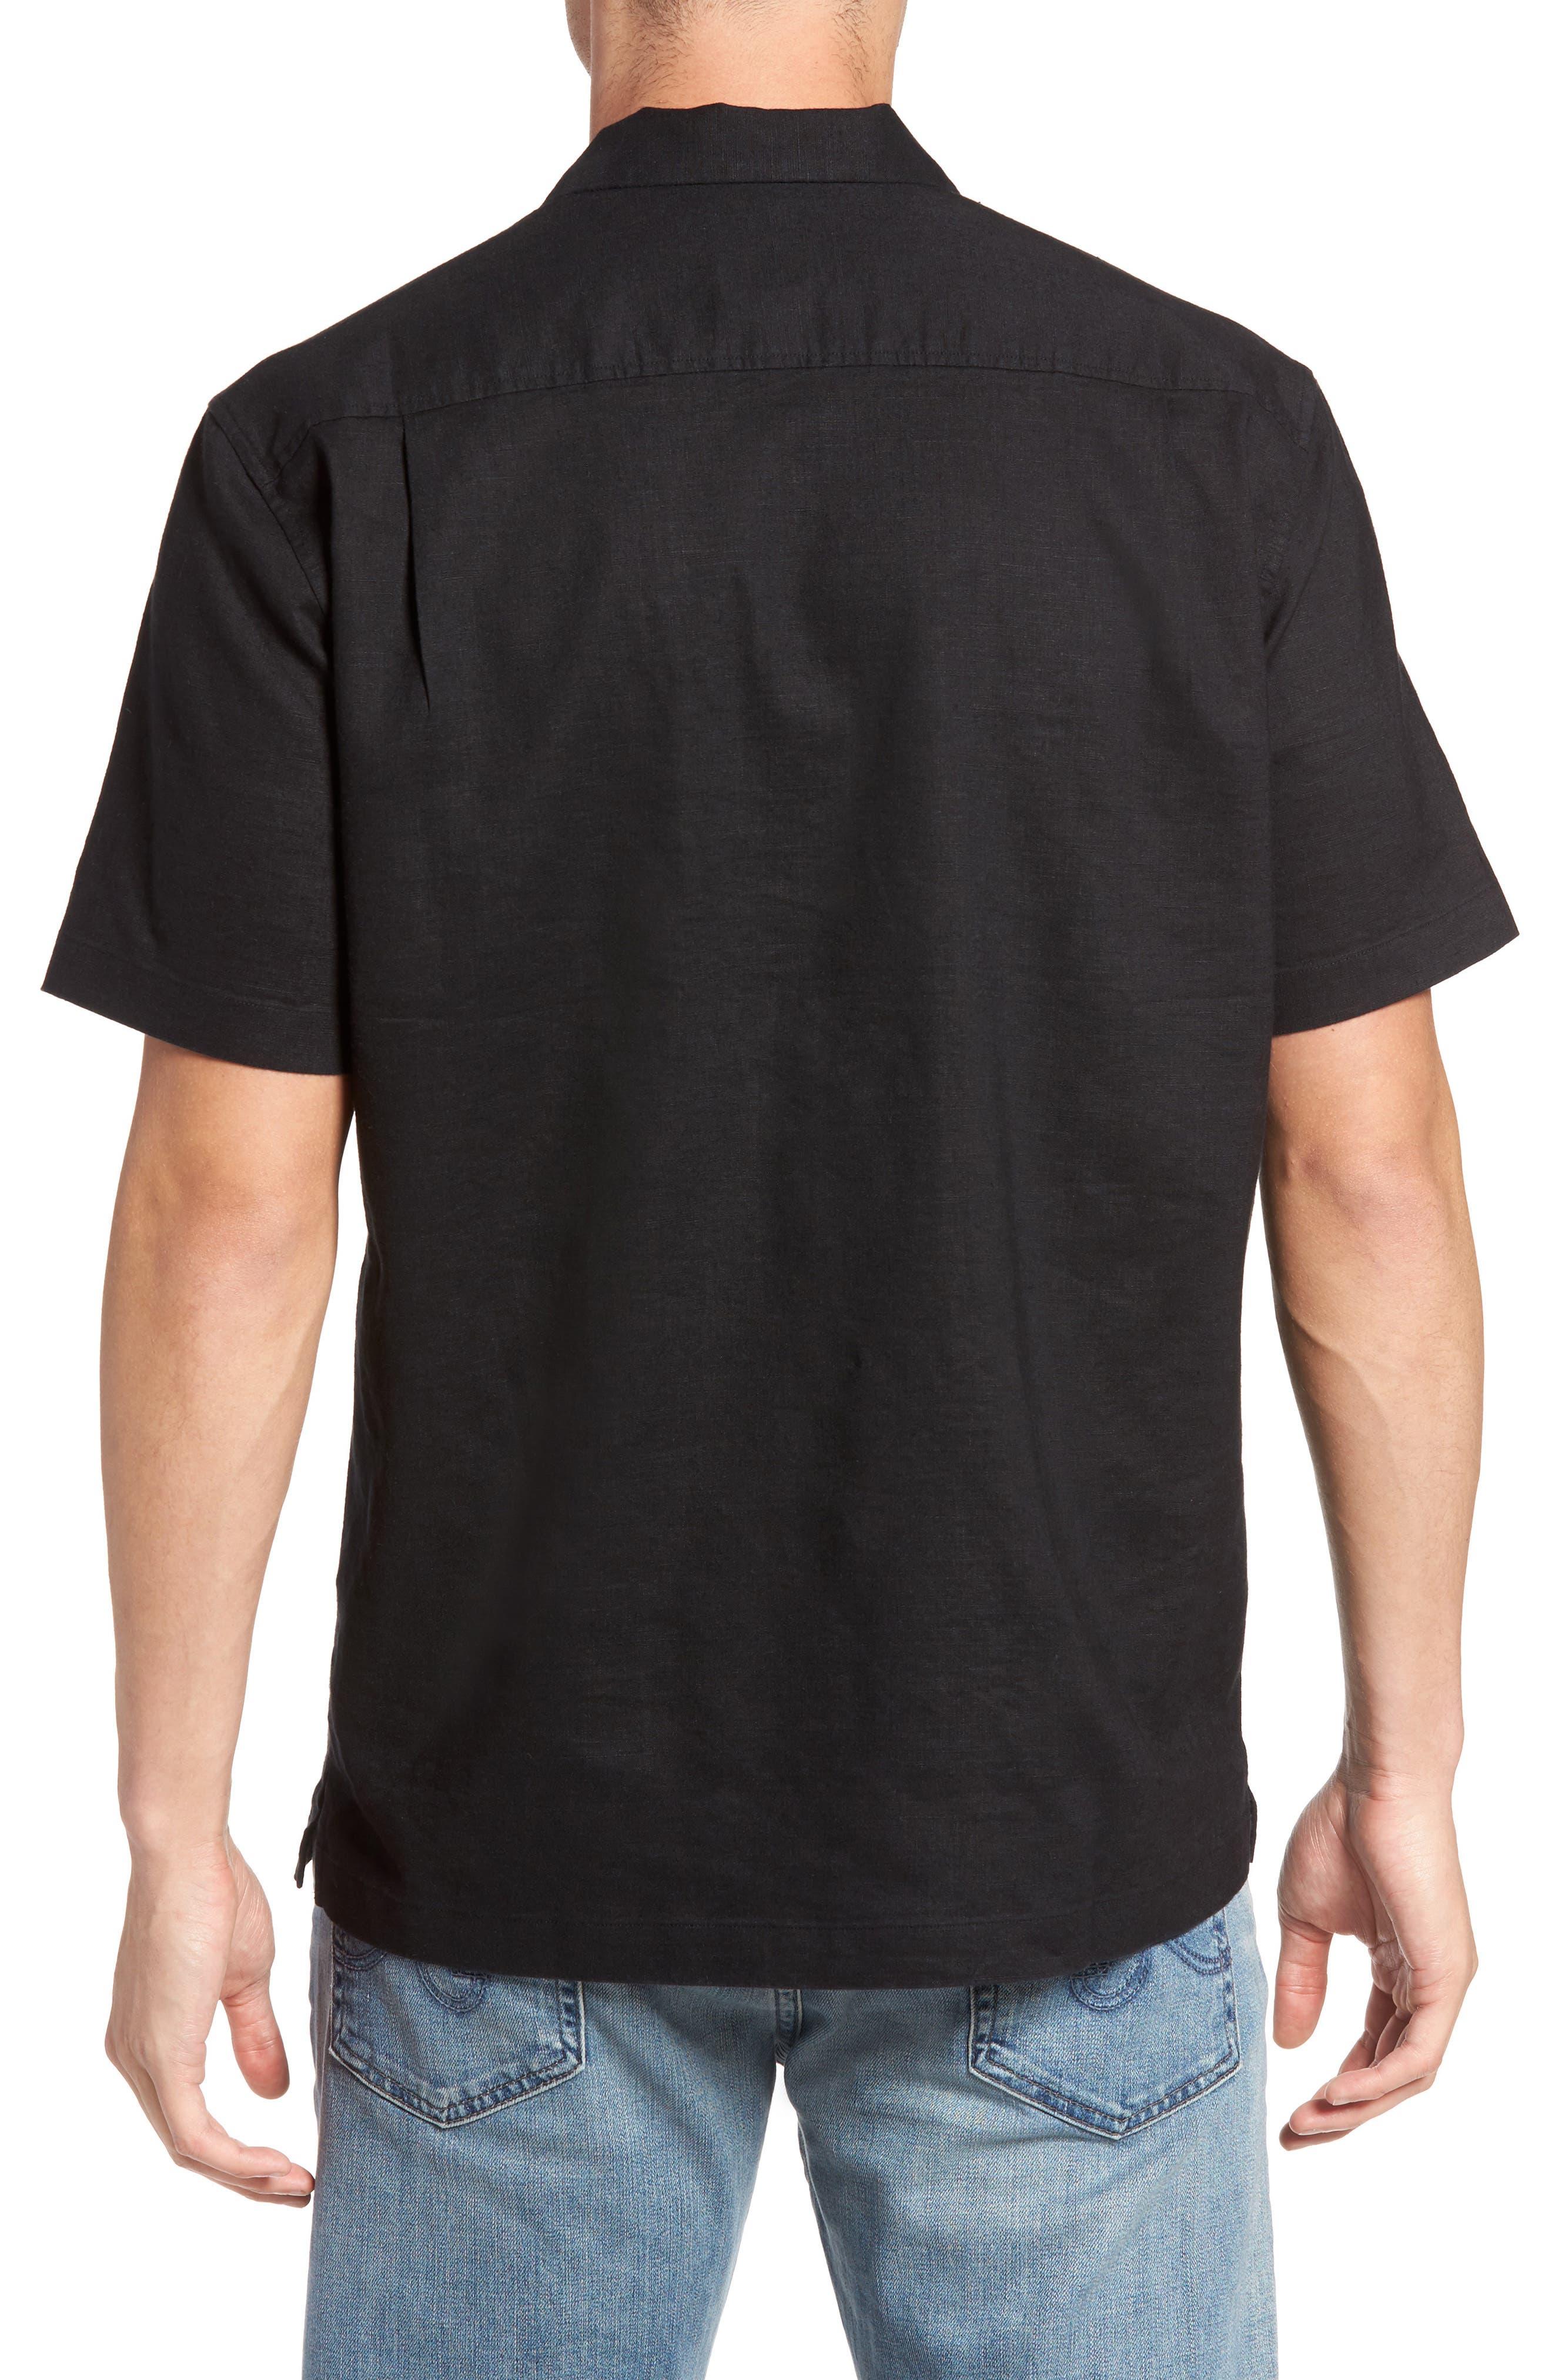 Monaco Tides Linen Blend Camp Shirt,                             Alternate thumbnail 2, color,                             Black